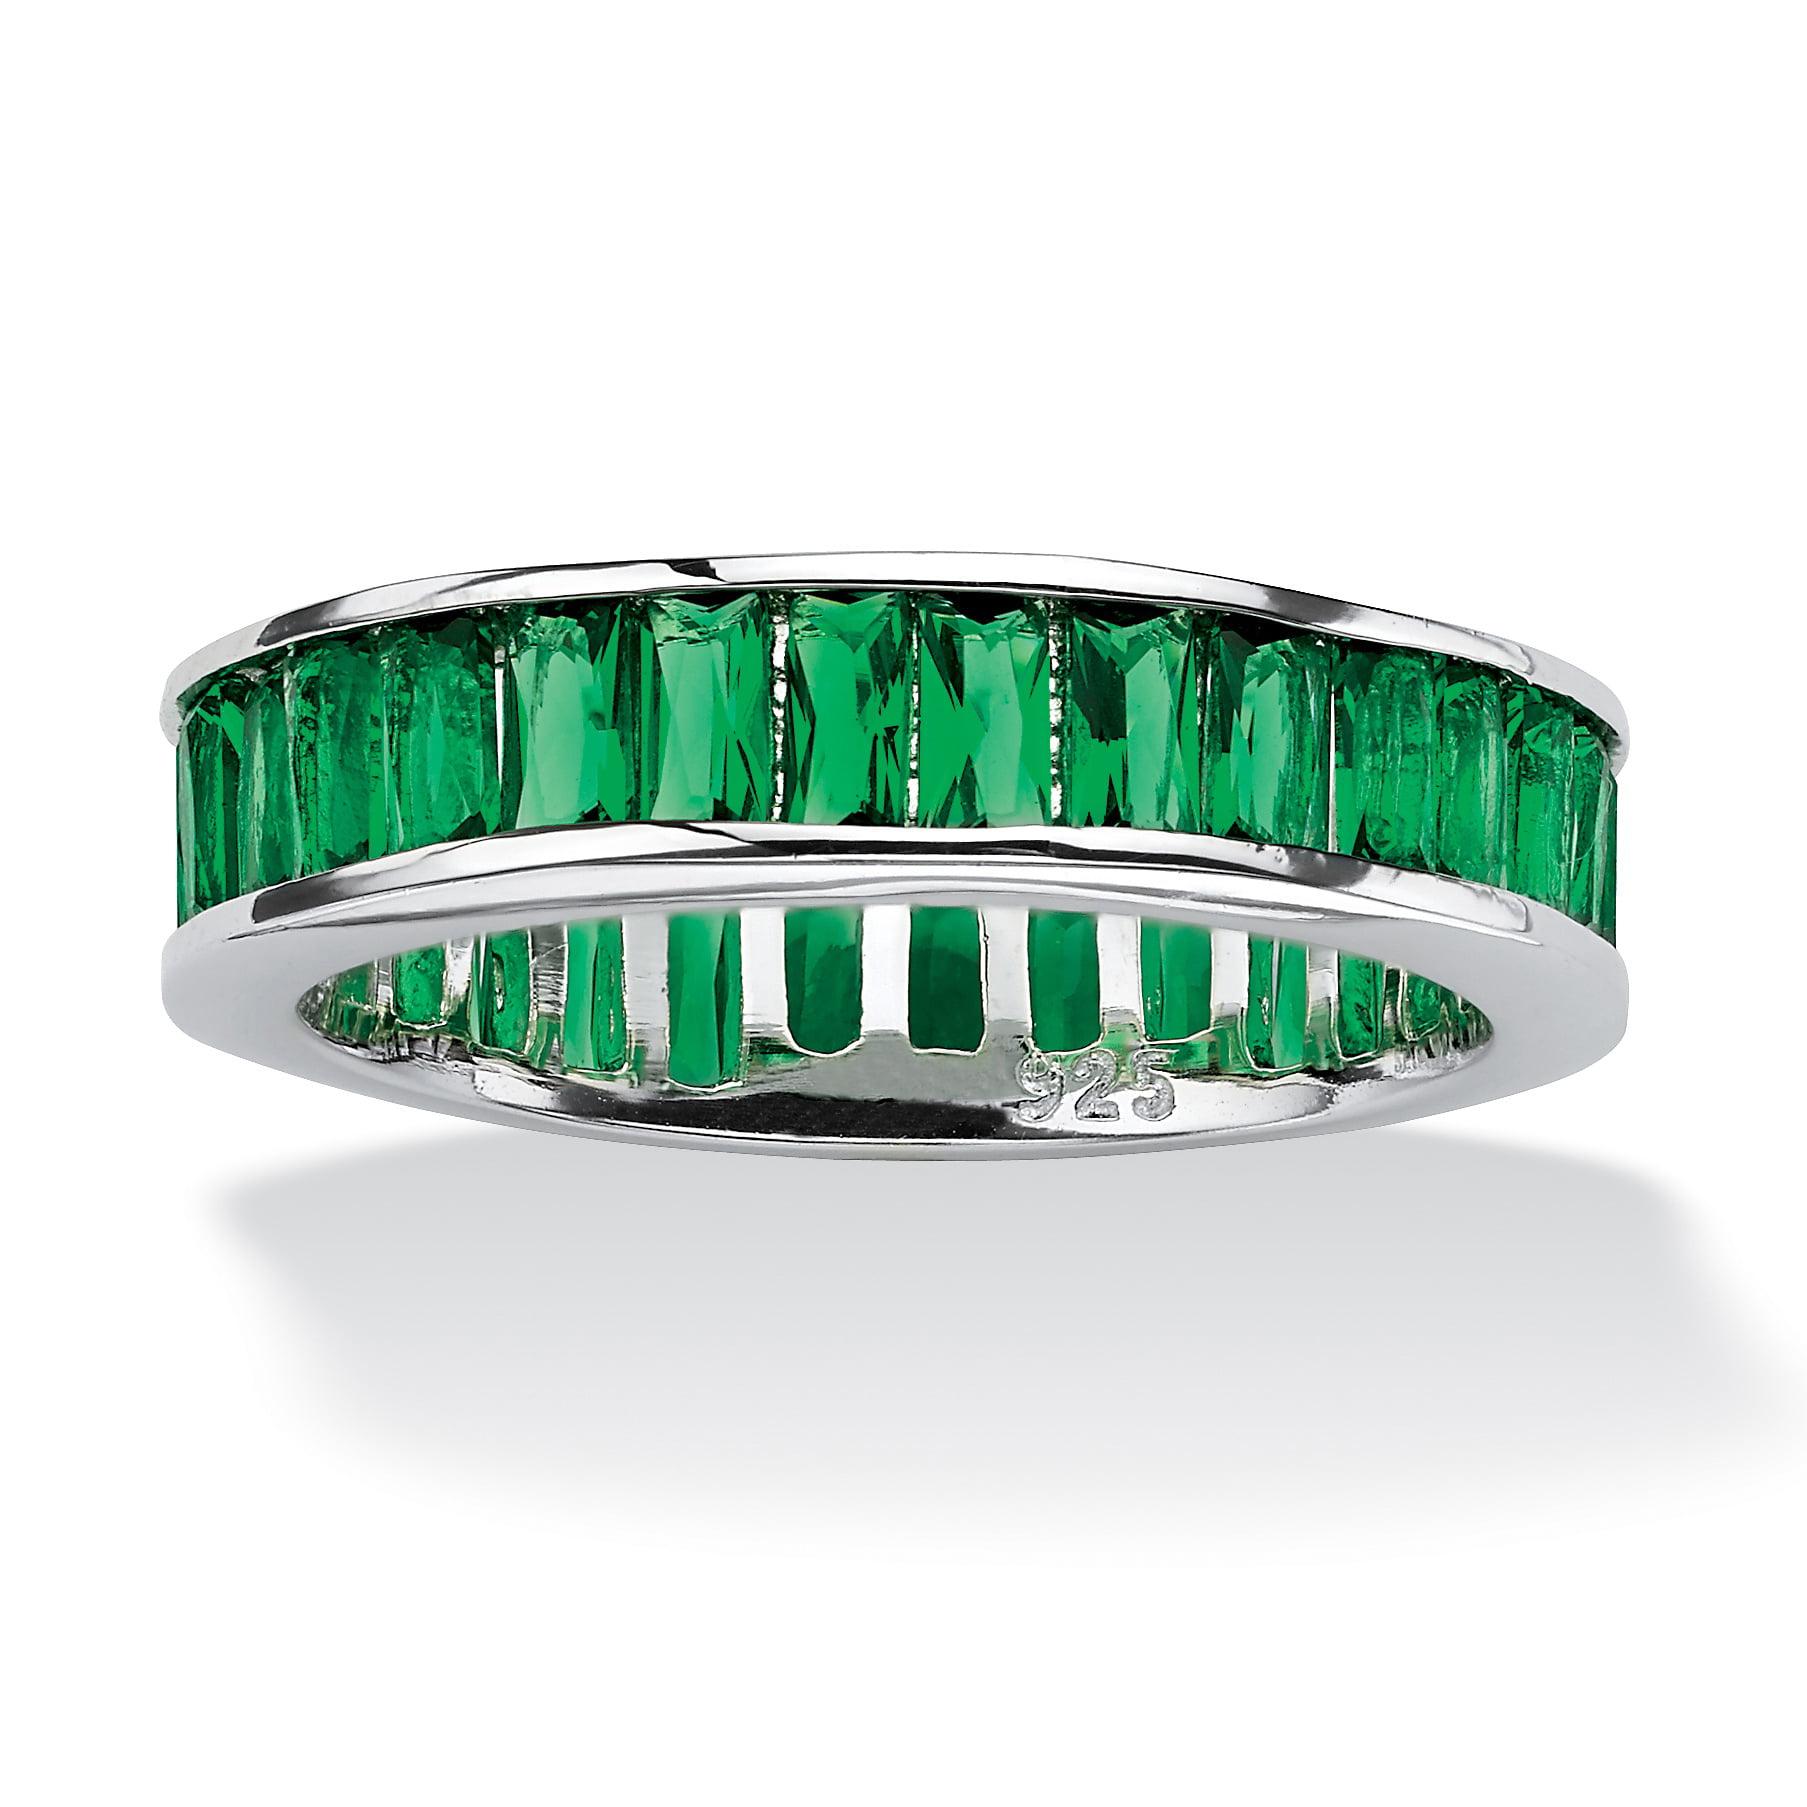 Emerald-Cut Birthstone Eternity Band in Sterling Silver - Walmart.com